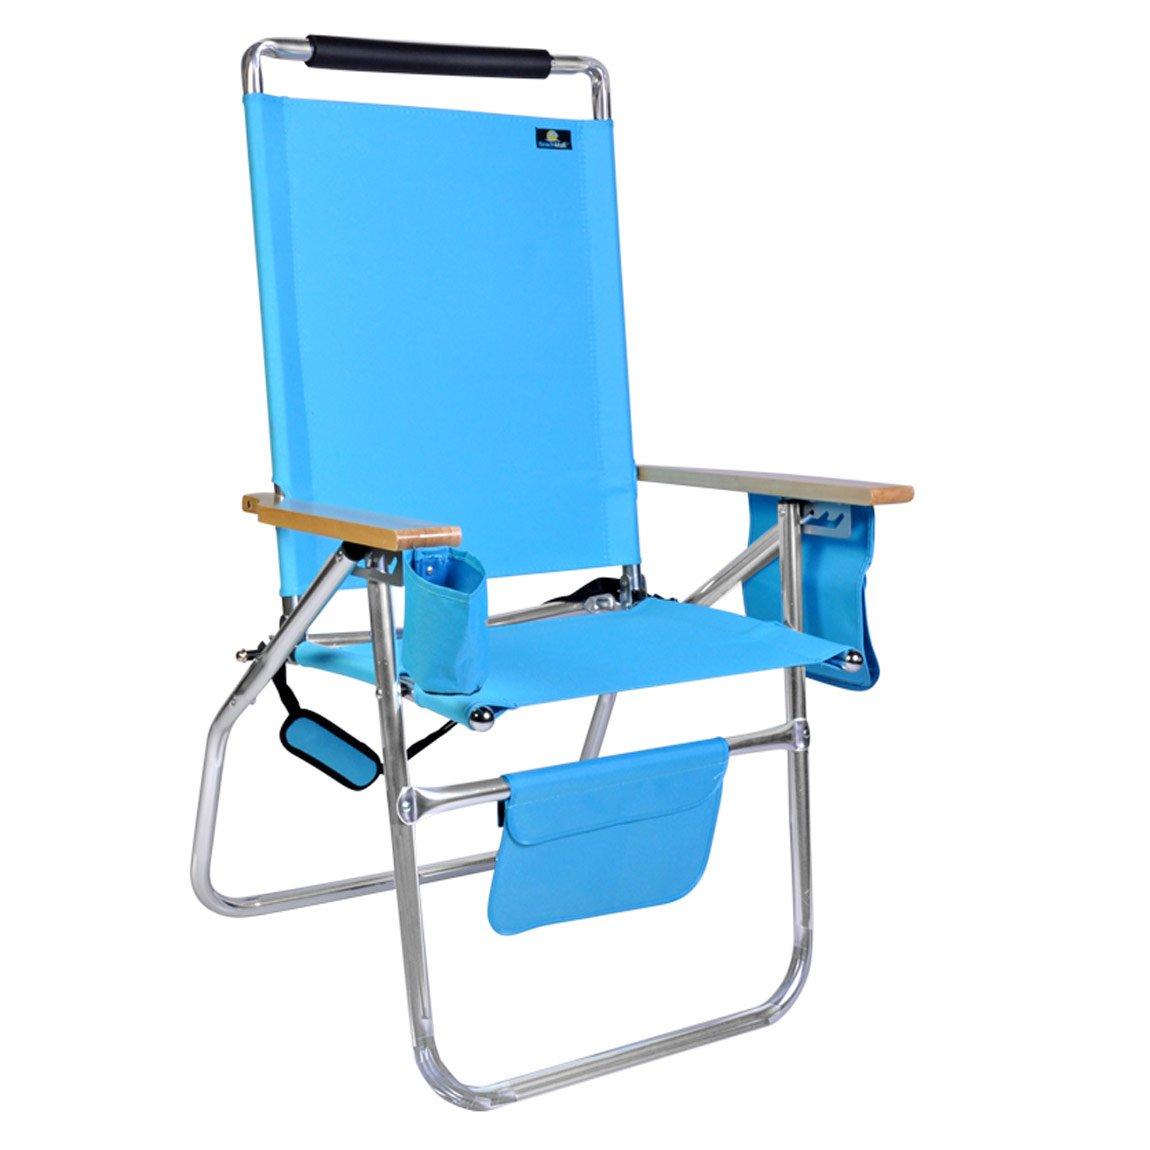 デラックス17インチ高シートアルミビーチ椅子 B079NLFLN2 861 861